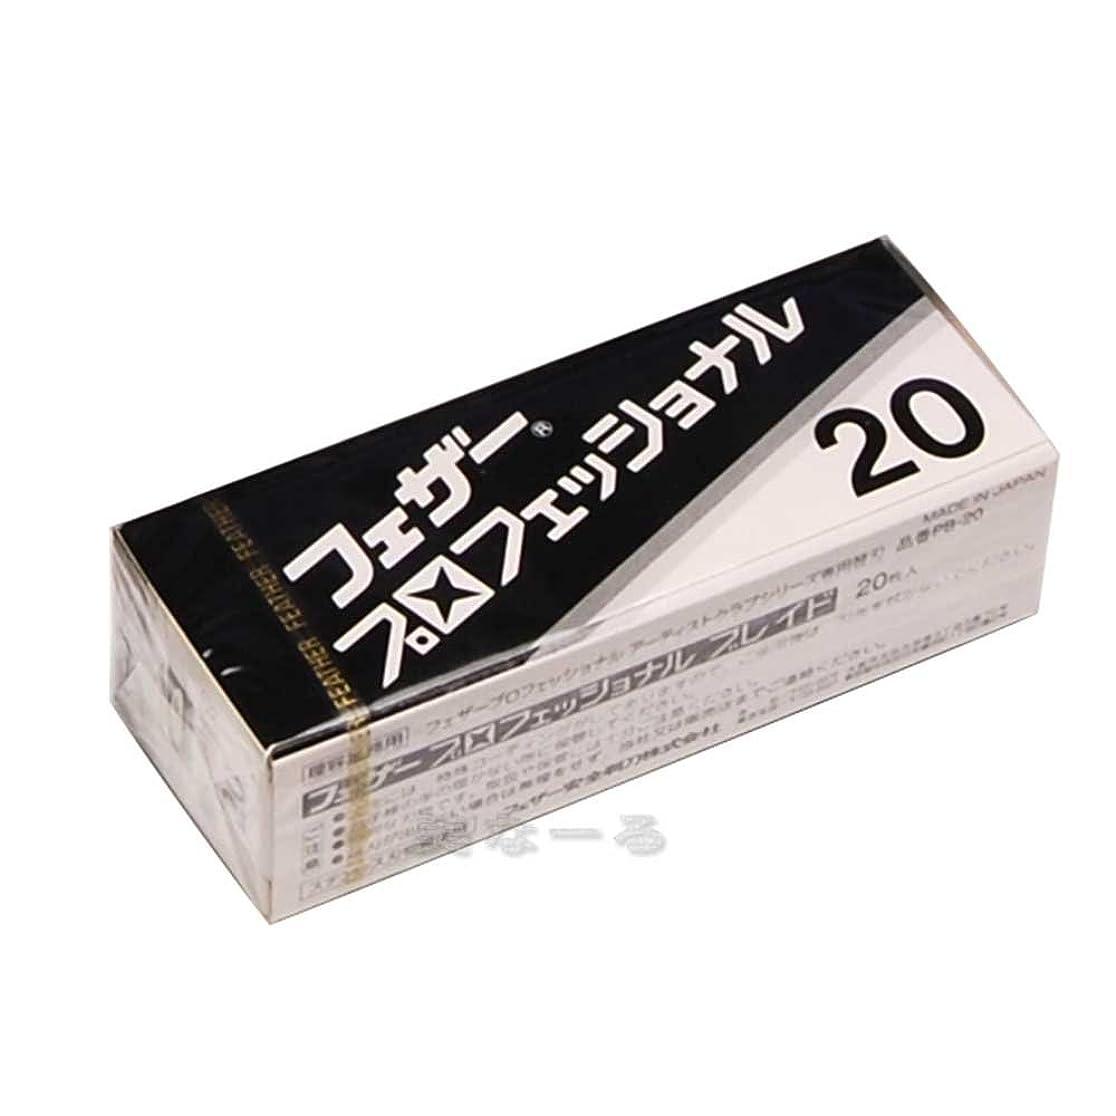 感謝しているわずかにおなかがすいたフェザー プロフェッショナル ブレイド PB-20 替刃 20枚入